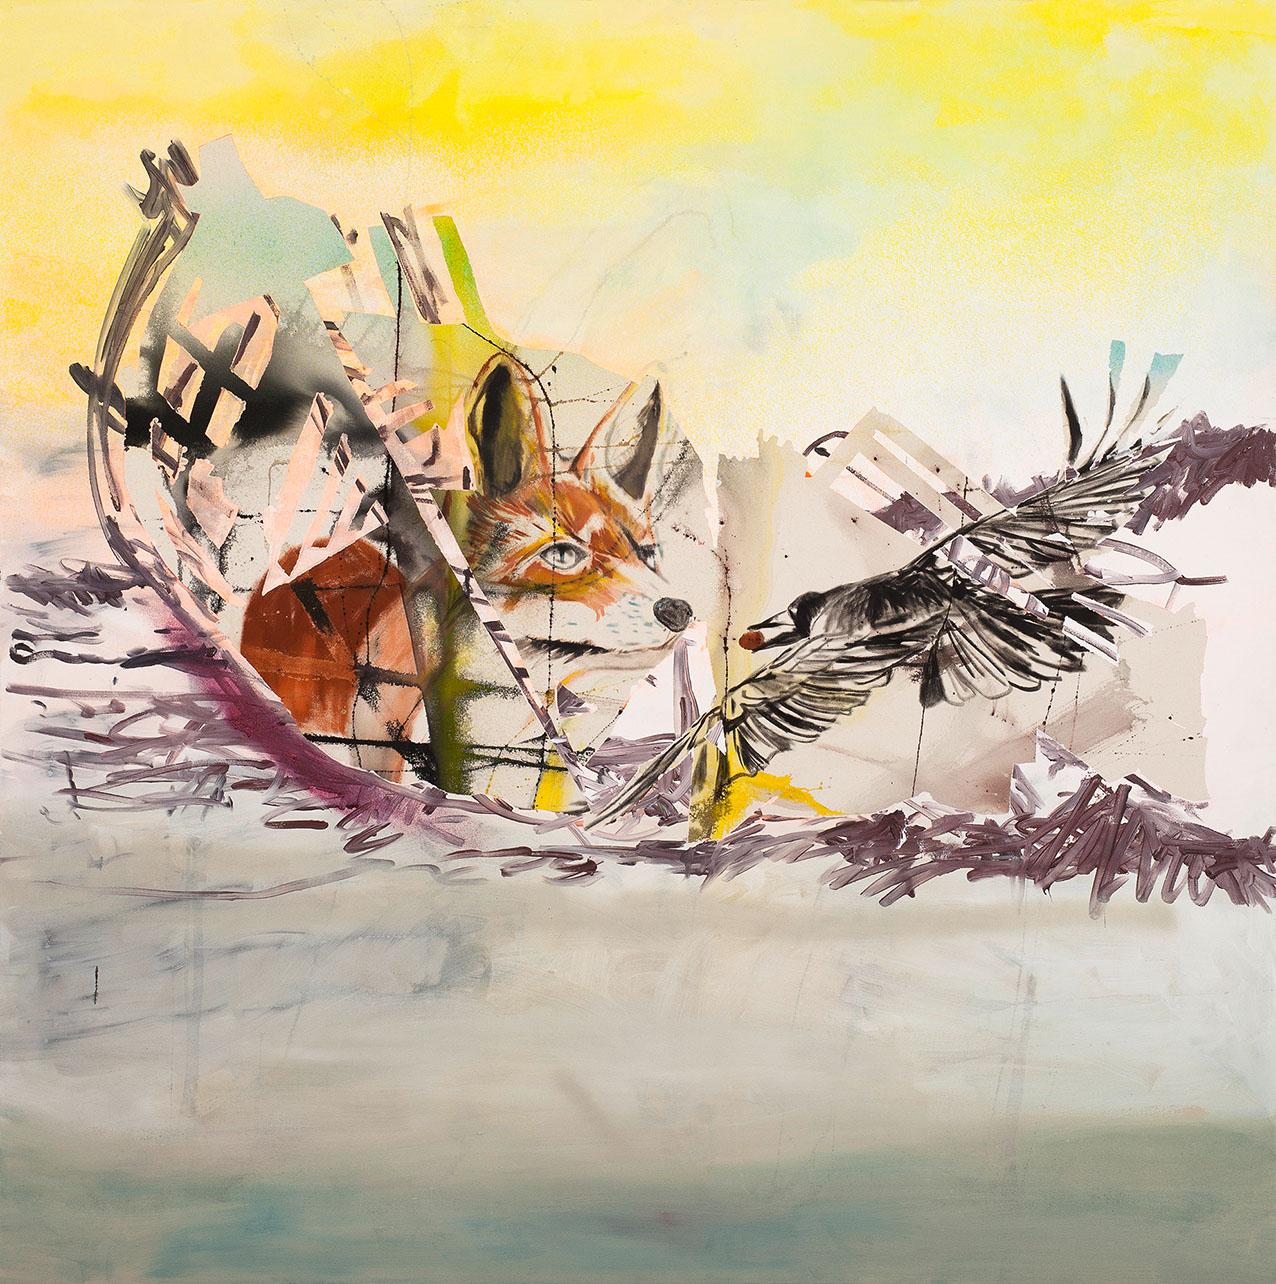 """o.T. aus """"Alm Alb Pacific"""", 2016, 210 x 210 cm, Mischtechnik auf Leinwand"""